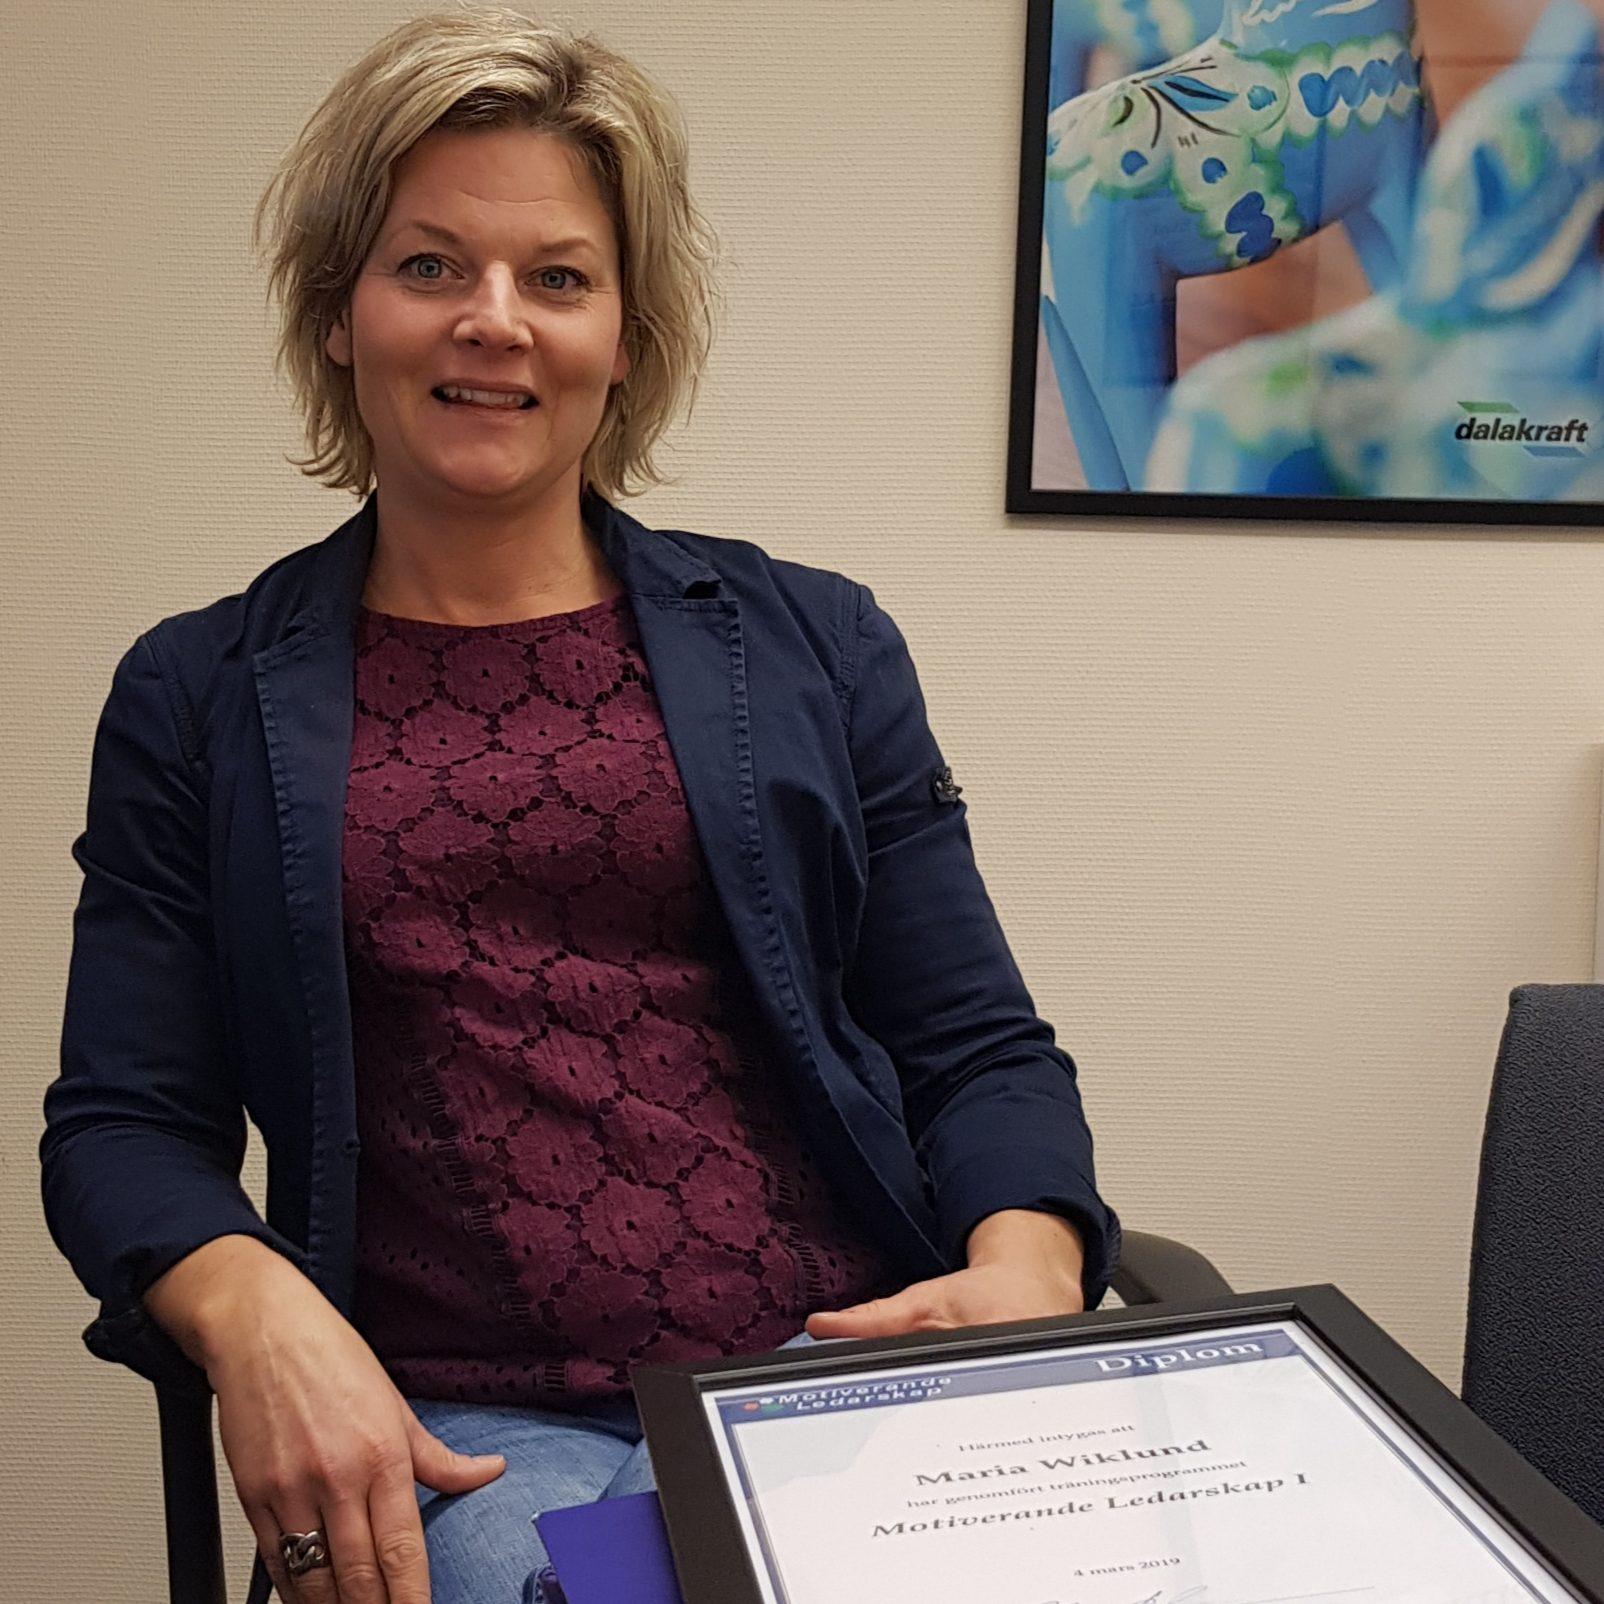 Maria Wiklund